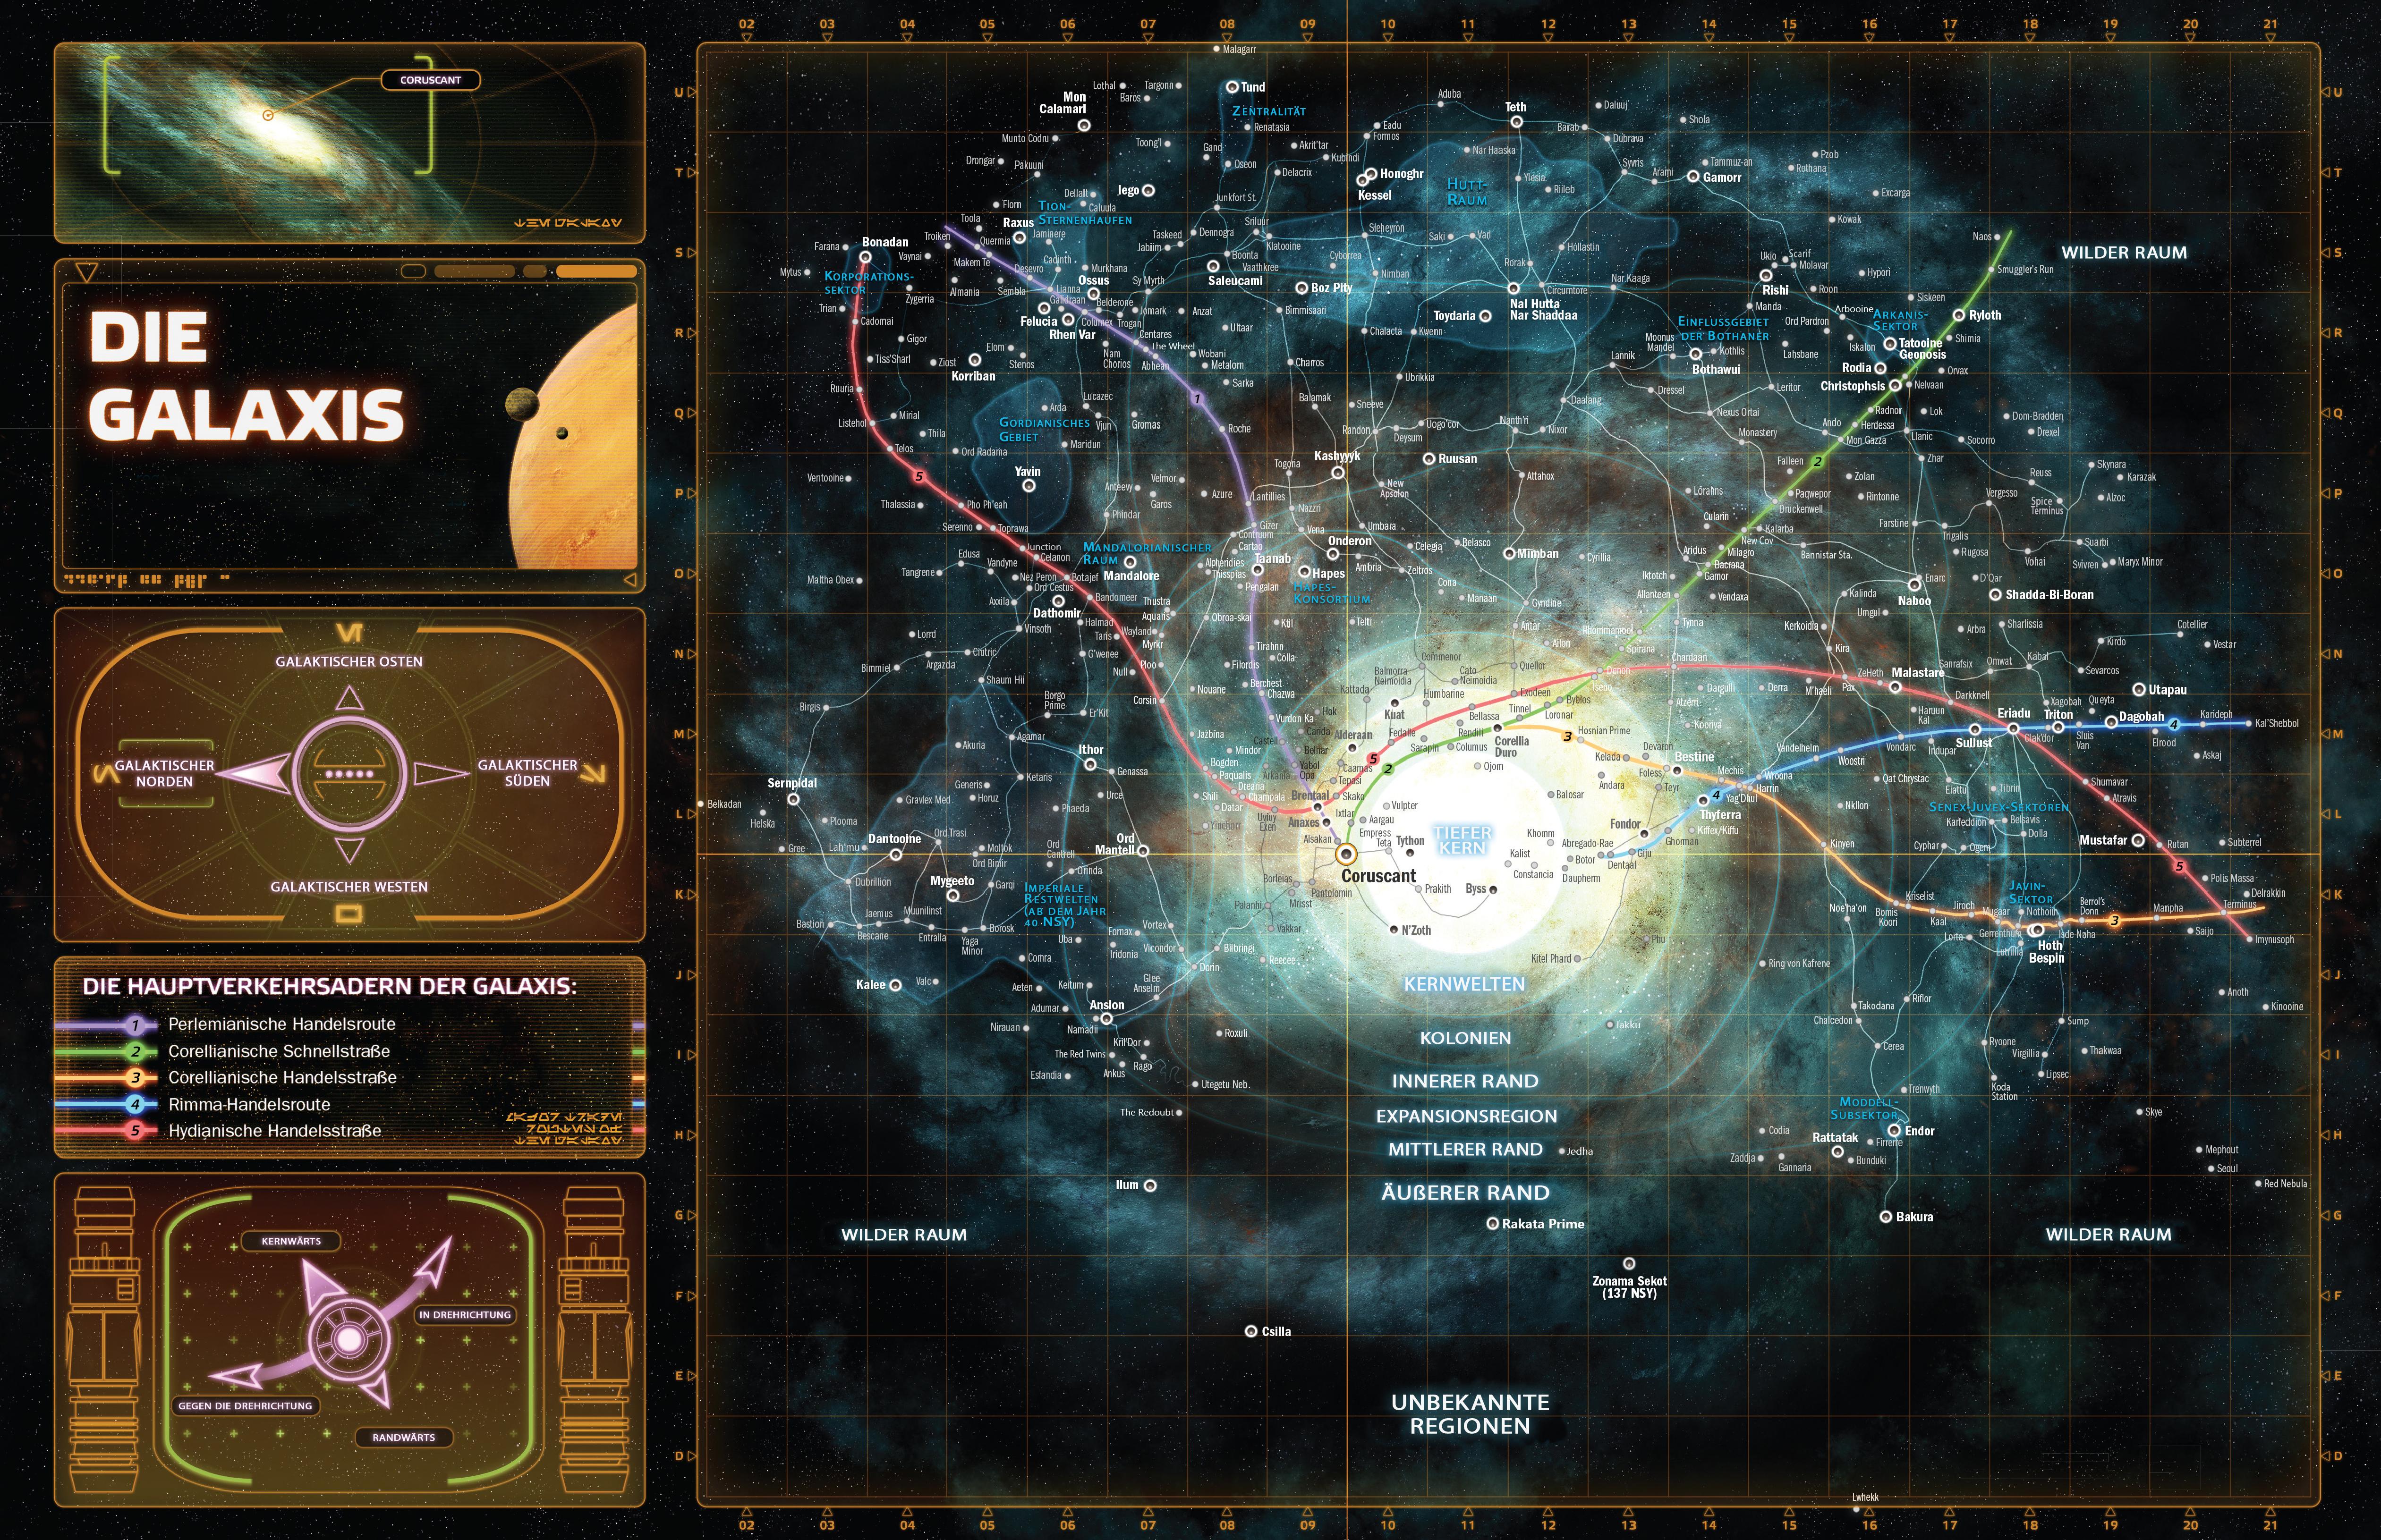 Star Wars Karte.Deutsche Galaxy Karte